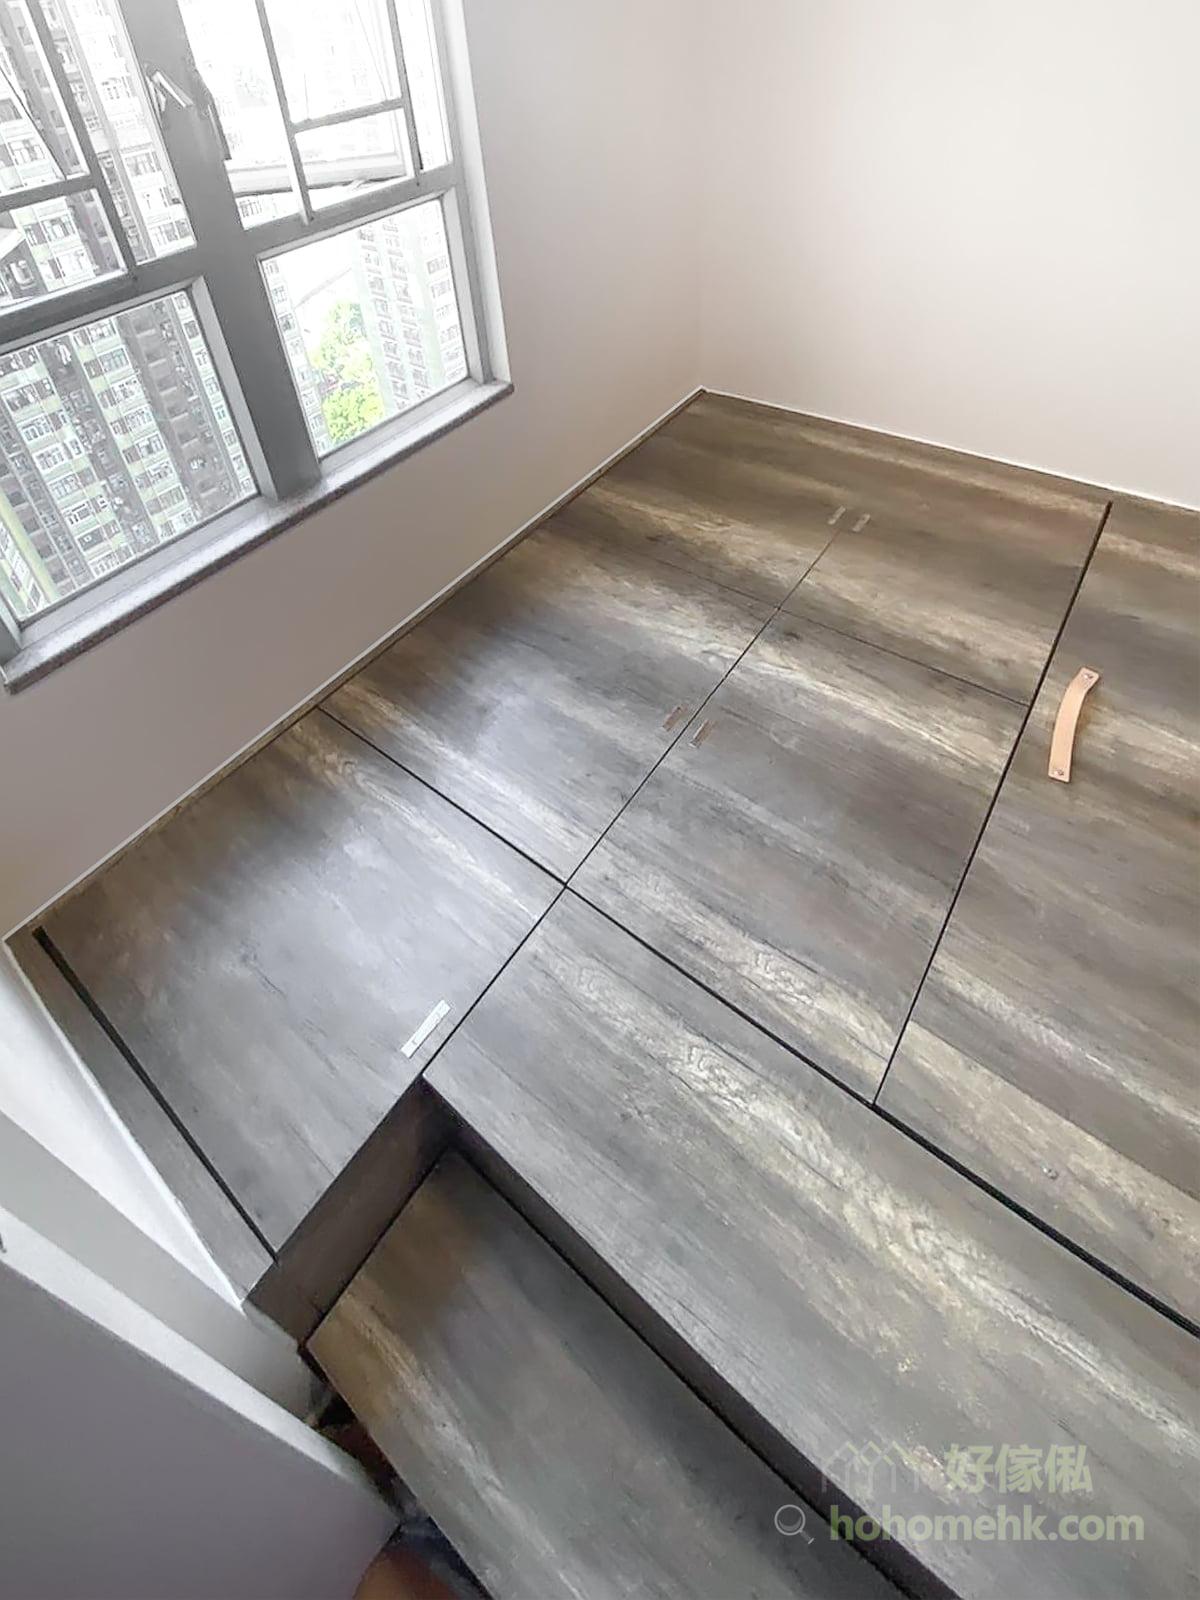 深色木材有著一份說不出的醇厚、安定、高貴氣質,與淺色木質相比,在清潔和保養維護上都更加方便